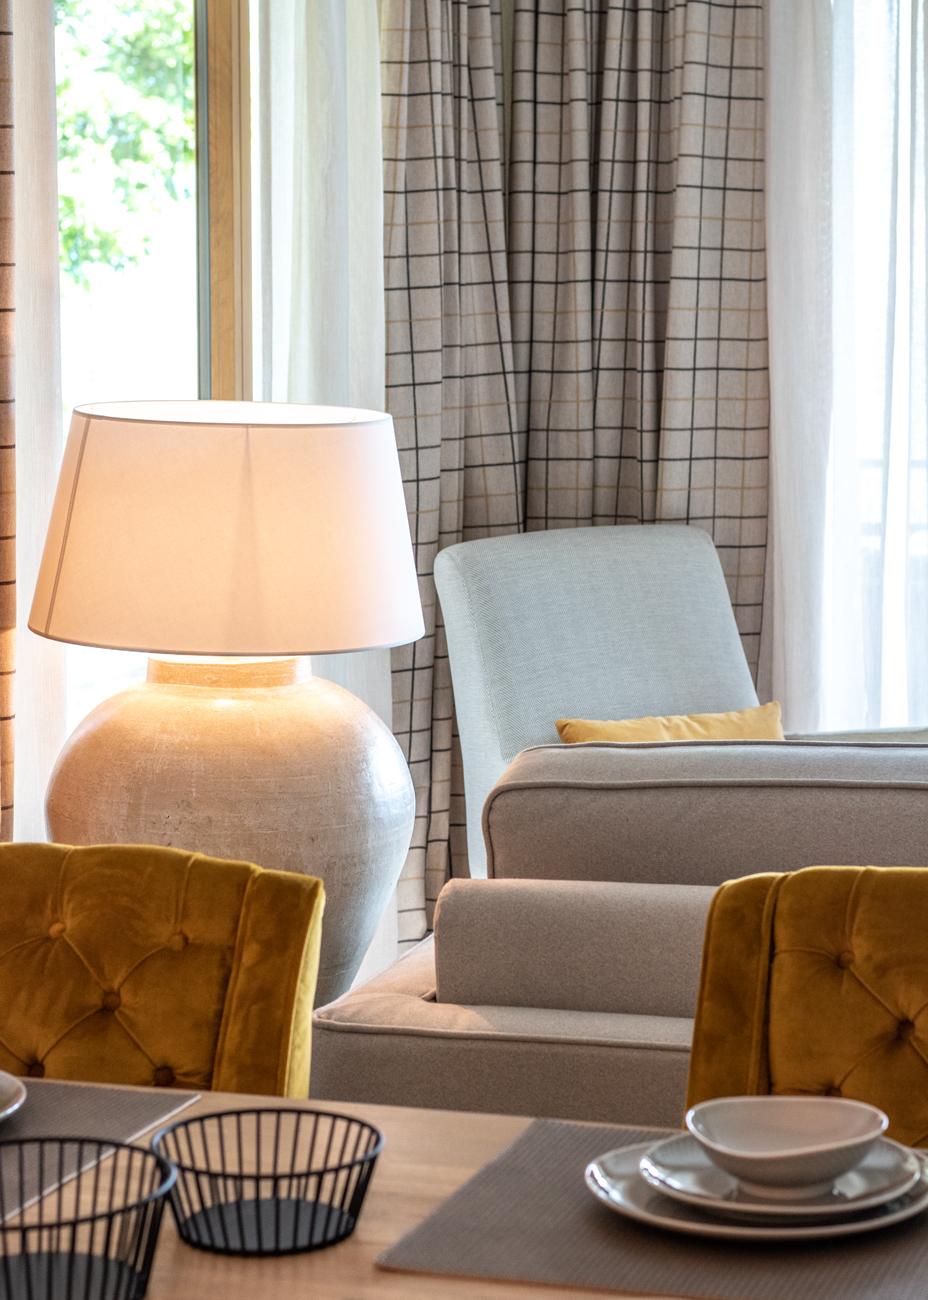 Esszimmer gelbe Stühle Senfgelbe Stühle Tischleuchte Vorhang Inneneinrichtung Ideen Einrichtungsideen Kundenprojekt Einrichtungskonzept Interior Design Räume planen